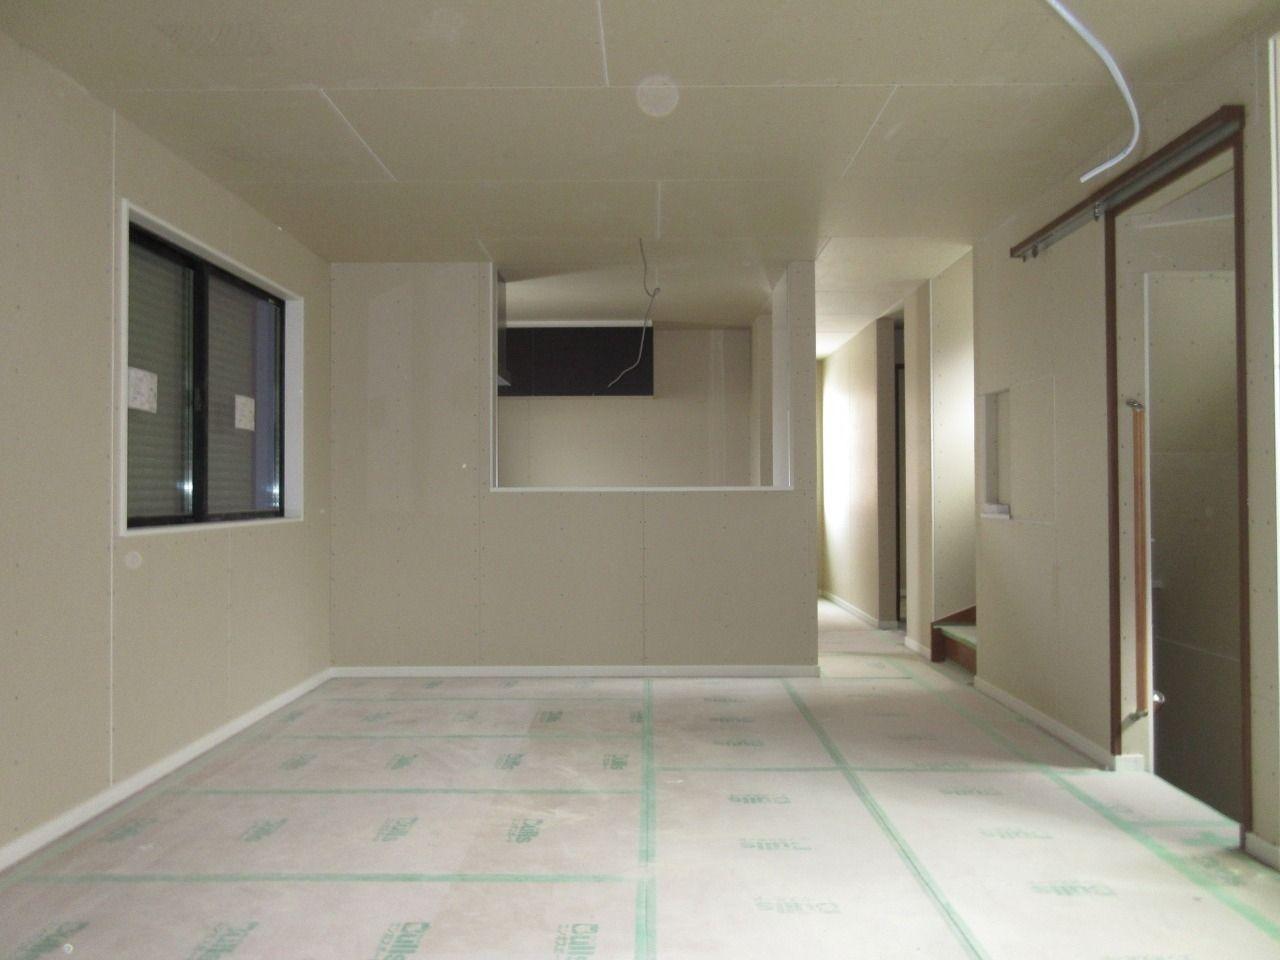 板橋区徳丸3丁目新築戸建 Part7